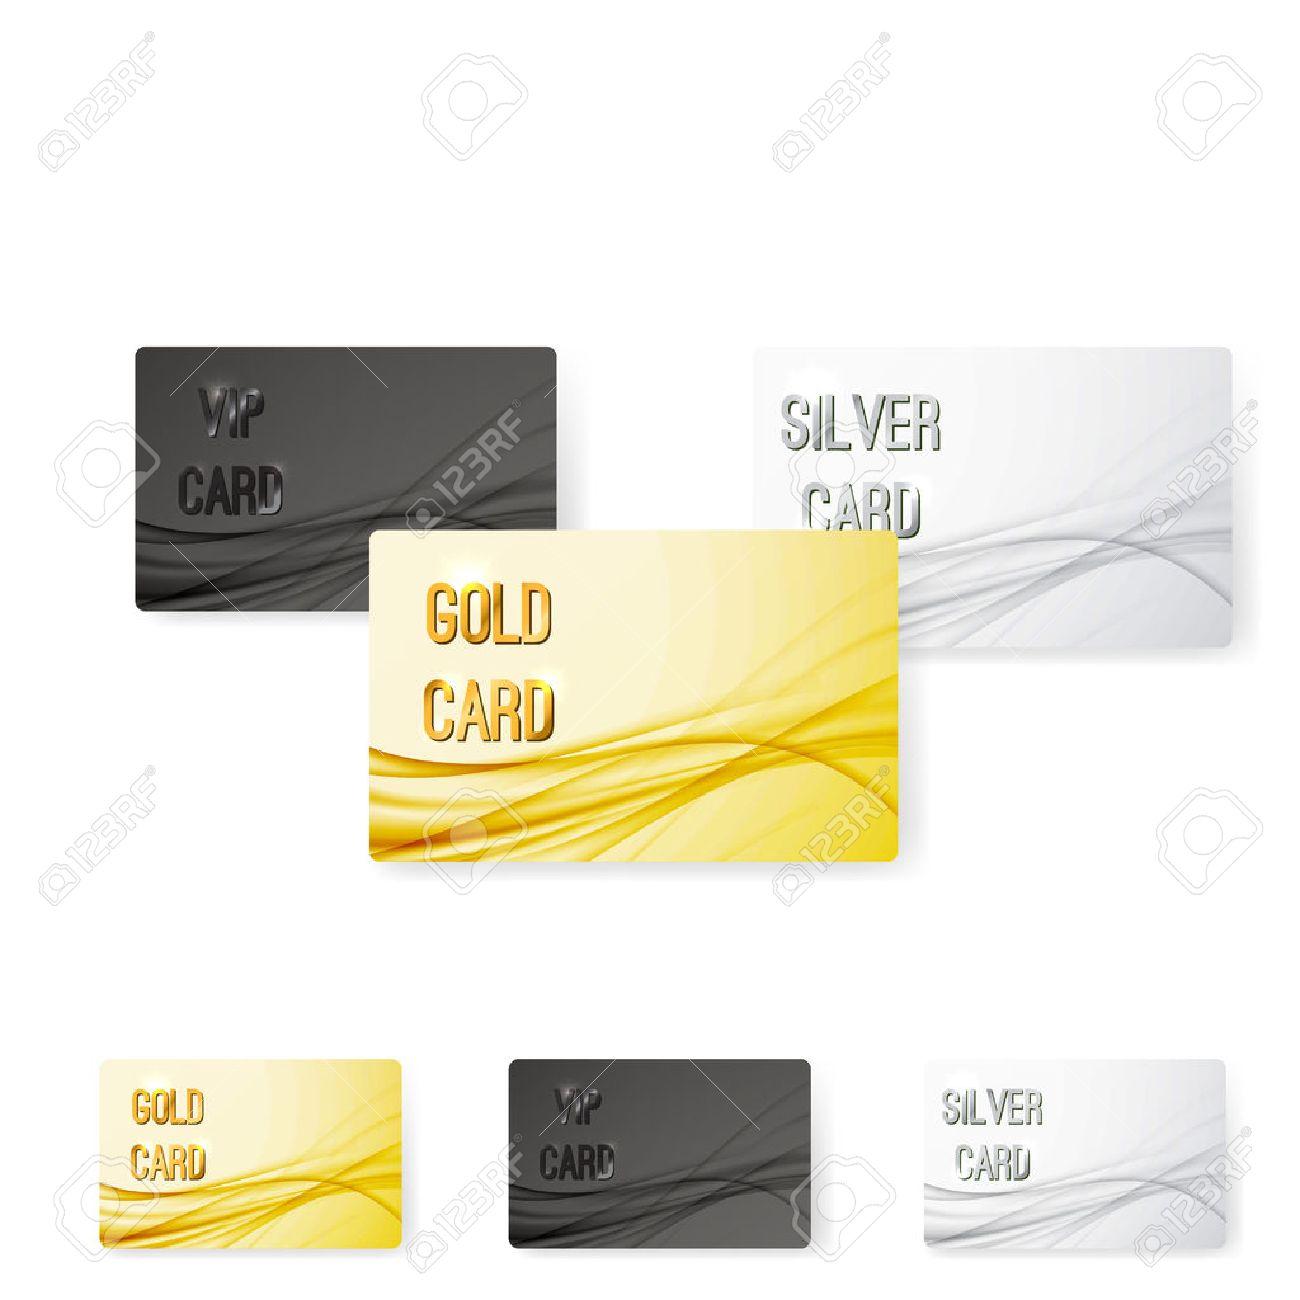 Glatte Swoosh Wellenlinie Premium-Mitgliedschaft Kartensammlung Für ...